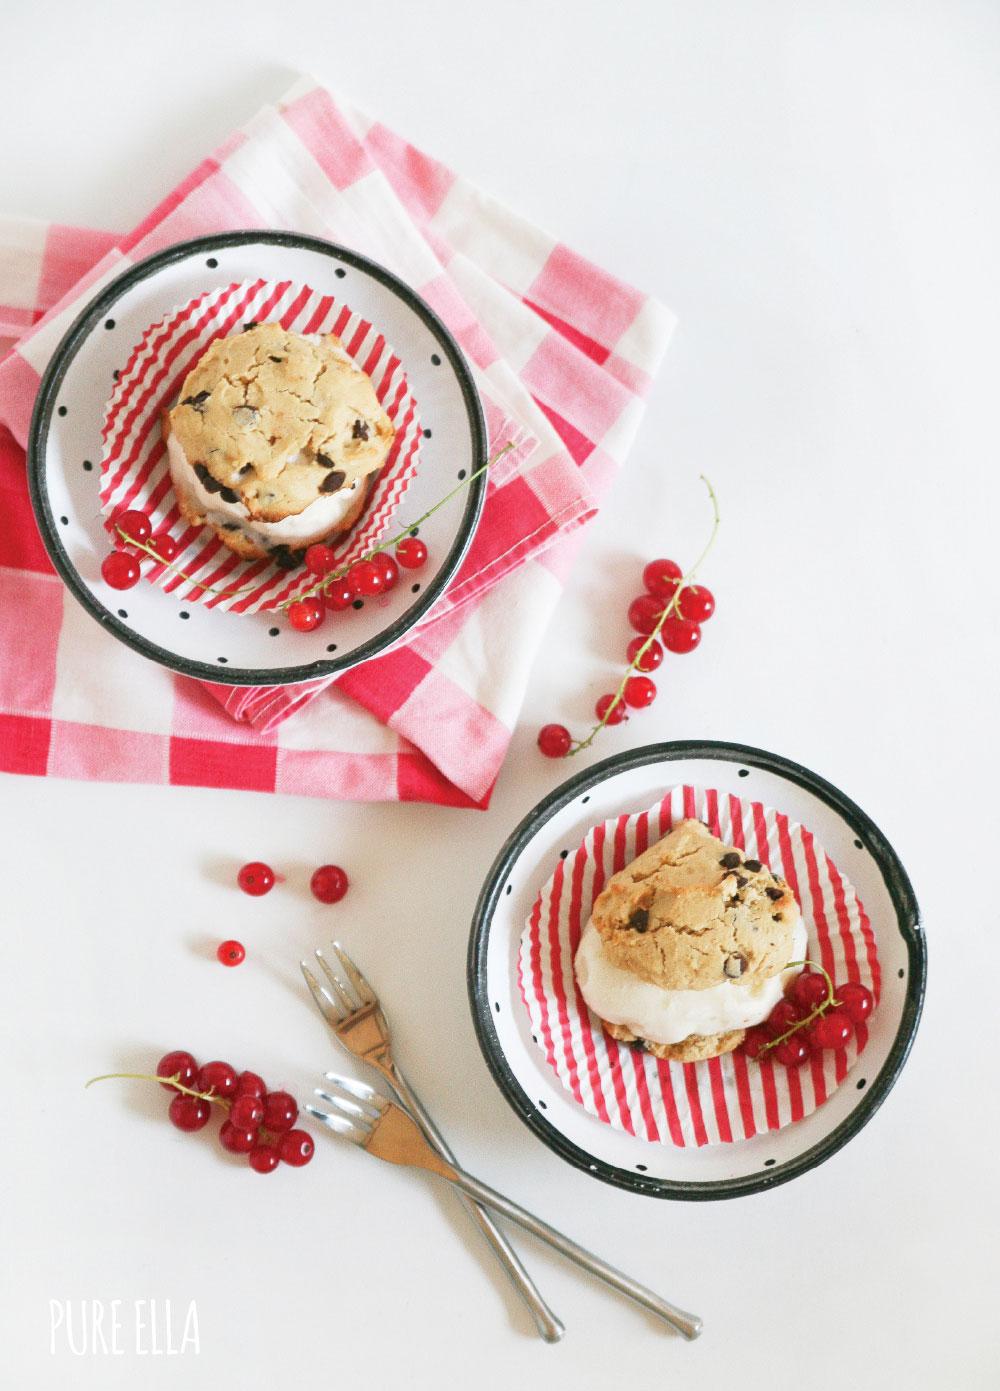 Pure-Ella-gluten-free-and-vegan-So-Delicious-Chocolate-Chip-Vanilla-Ice-Cream-Sandwiches10